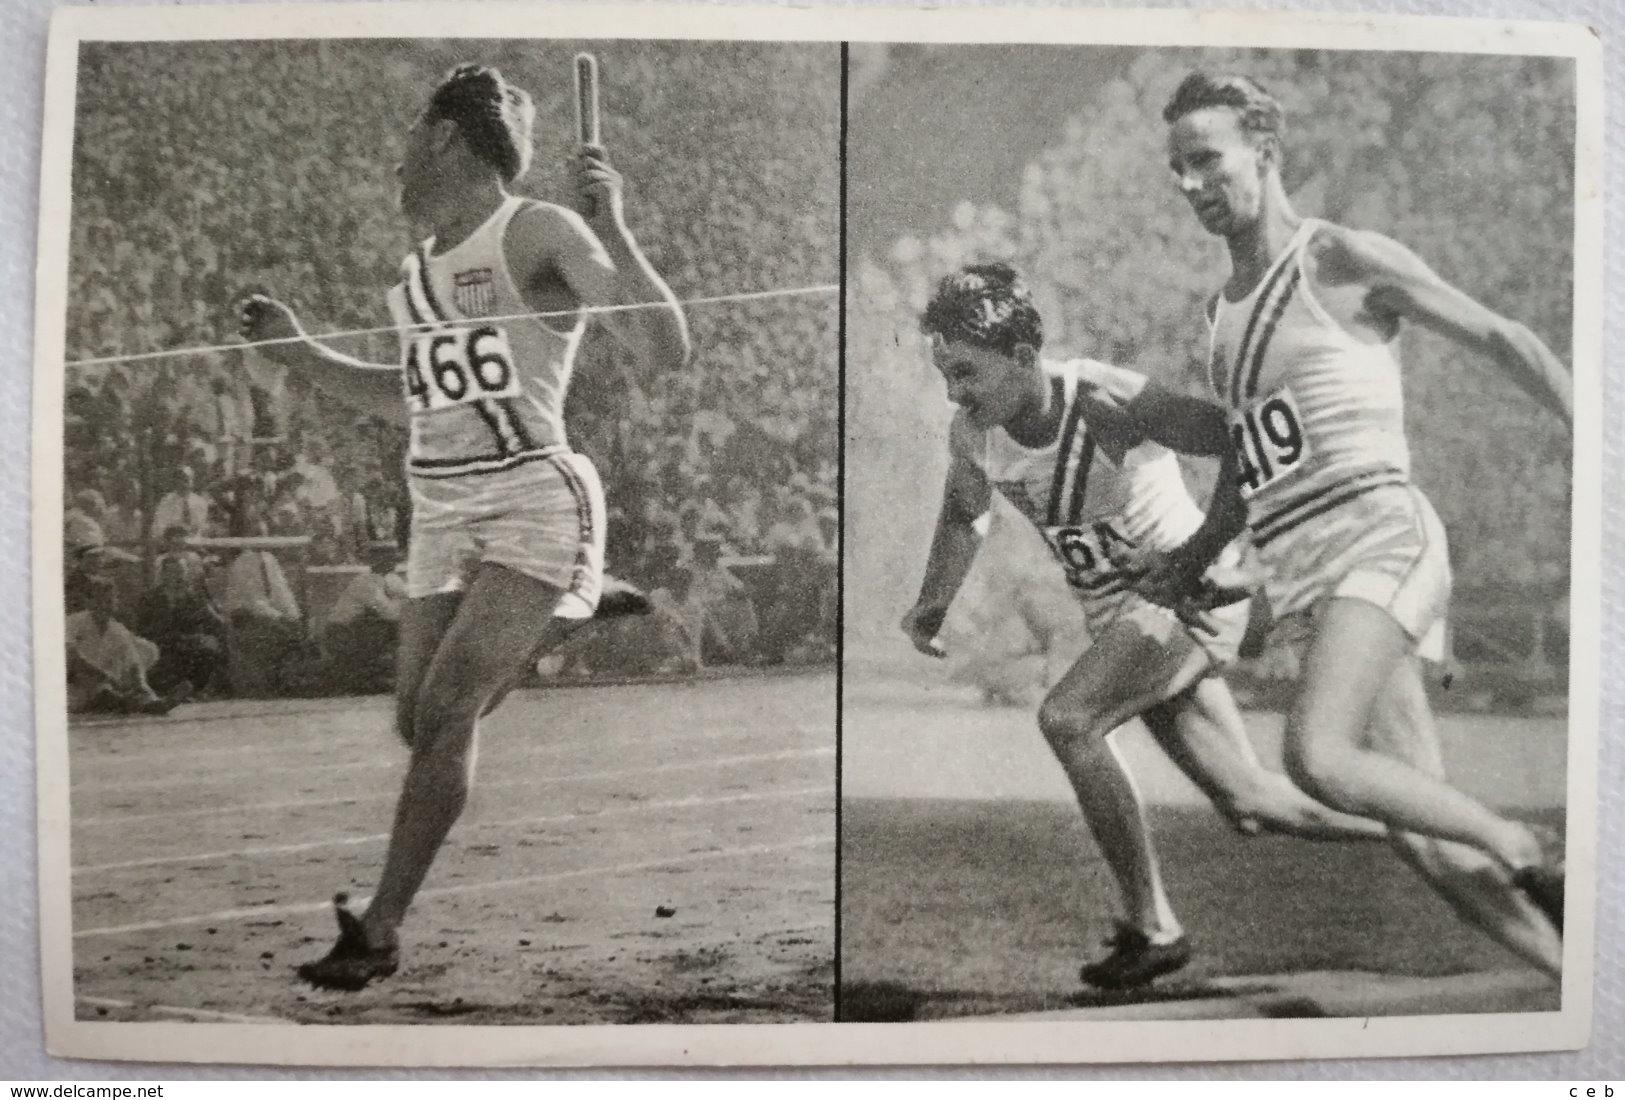 Foto Cromo Olimpiada De Los Ángeles. 1932. Nº 38. Atletismo 4 X 100 Metros Relevos. USA, Alemania. Hecho En 1936 Berlín - Tarjetas